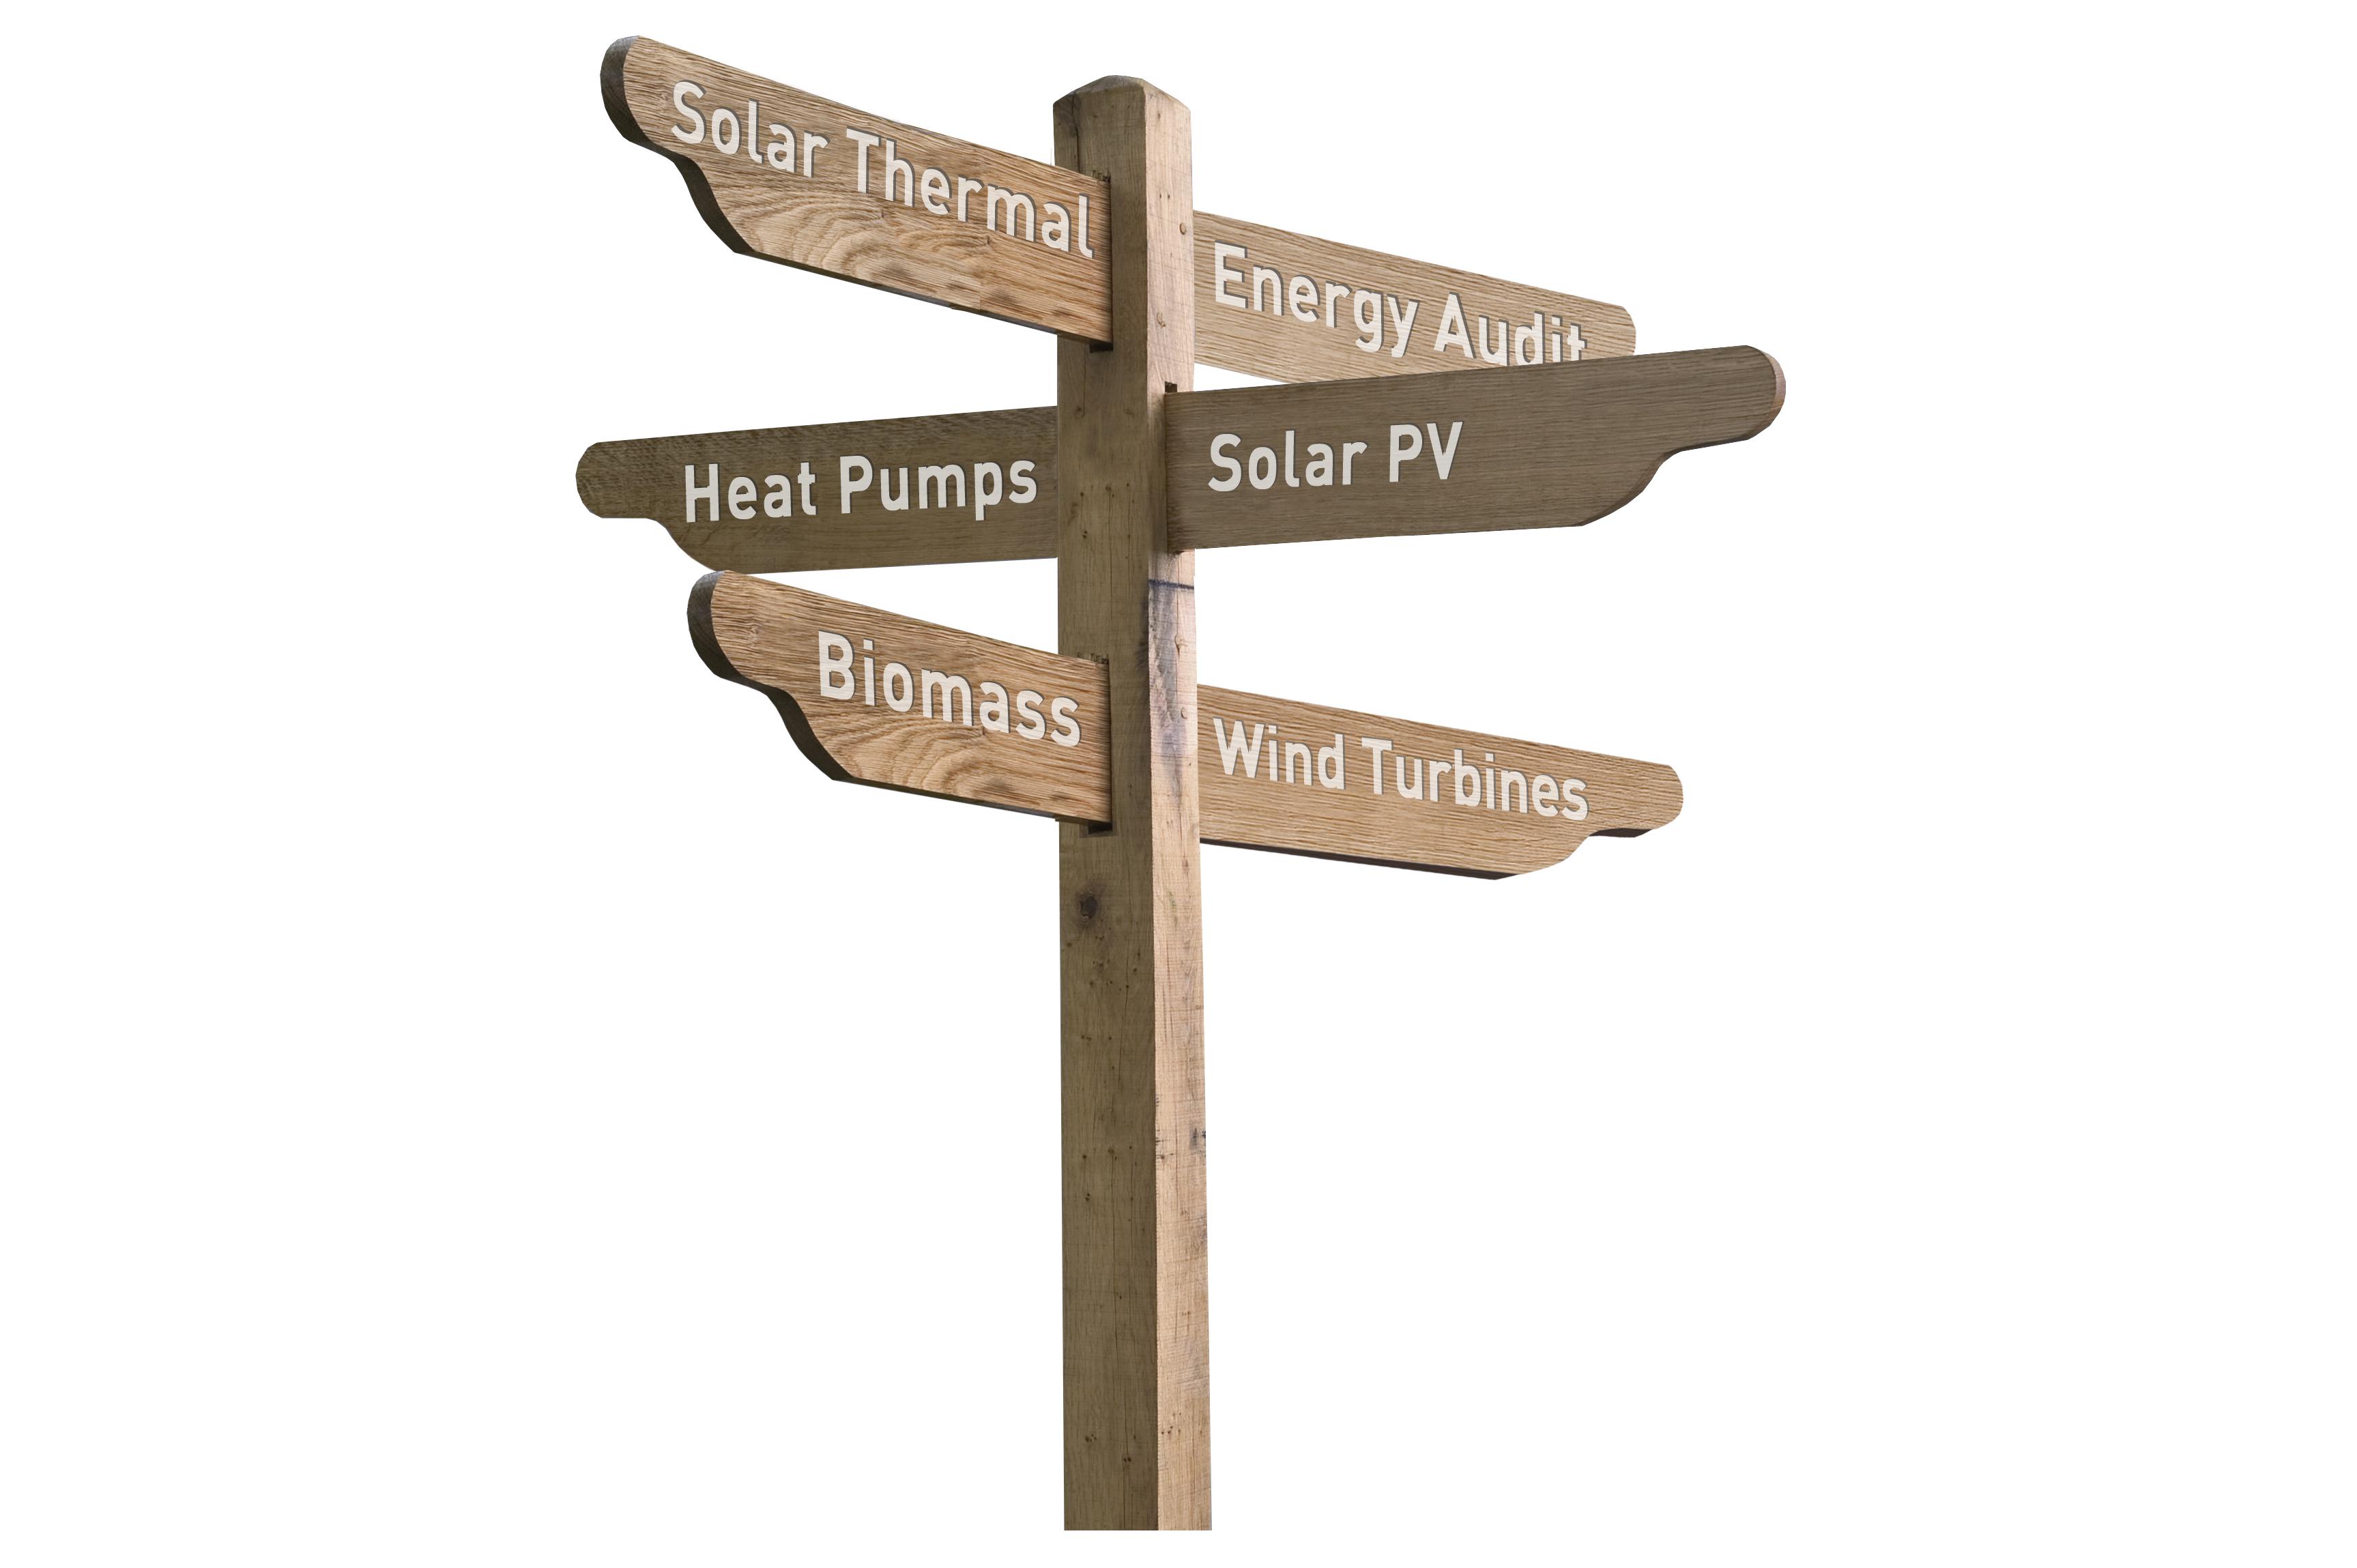 Energymyway Renewable Energy Solutions